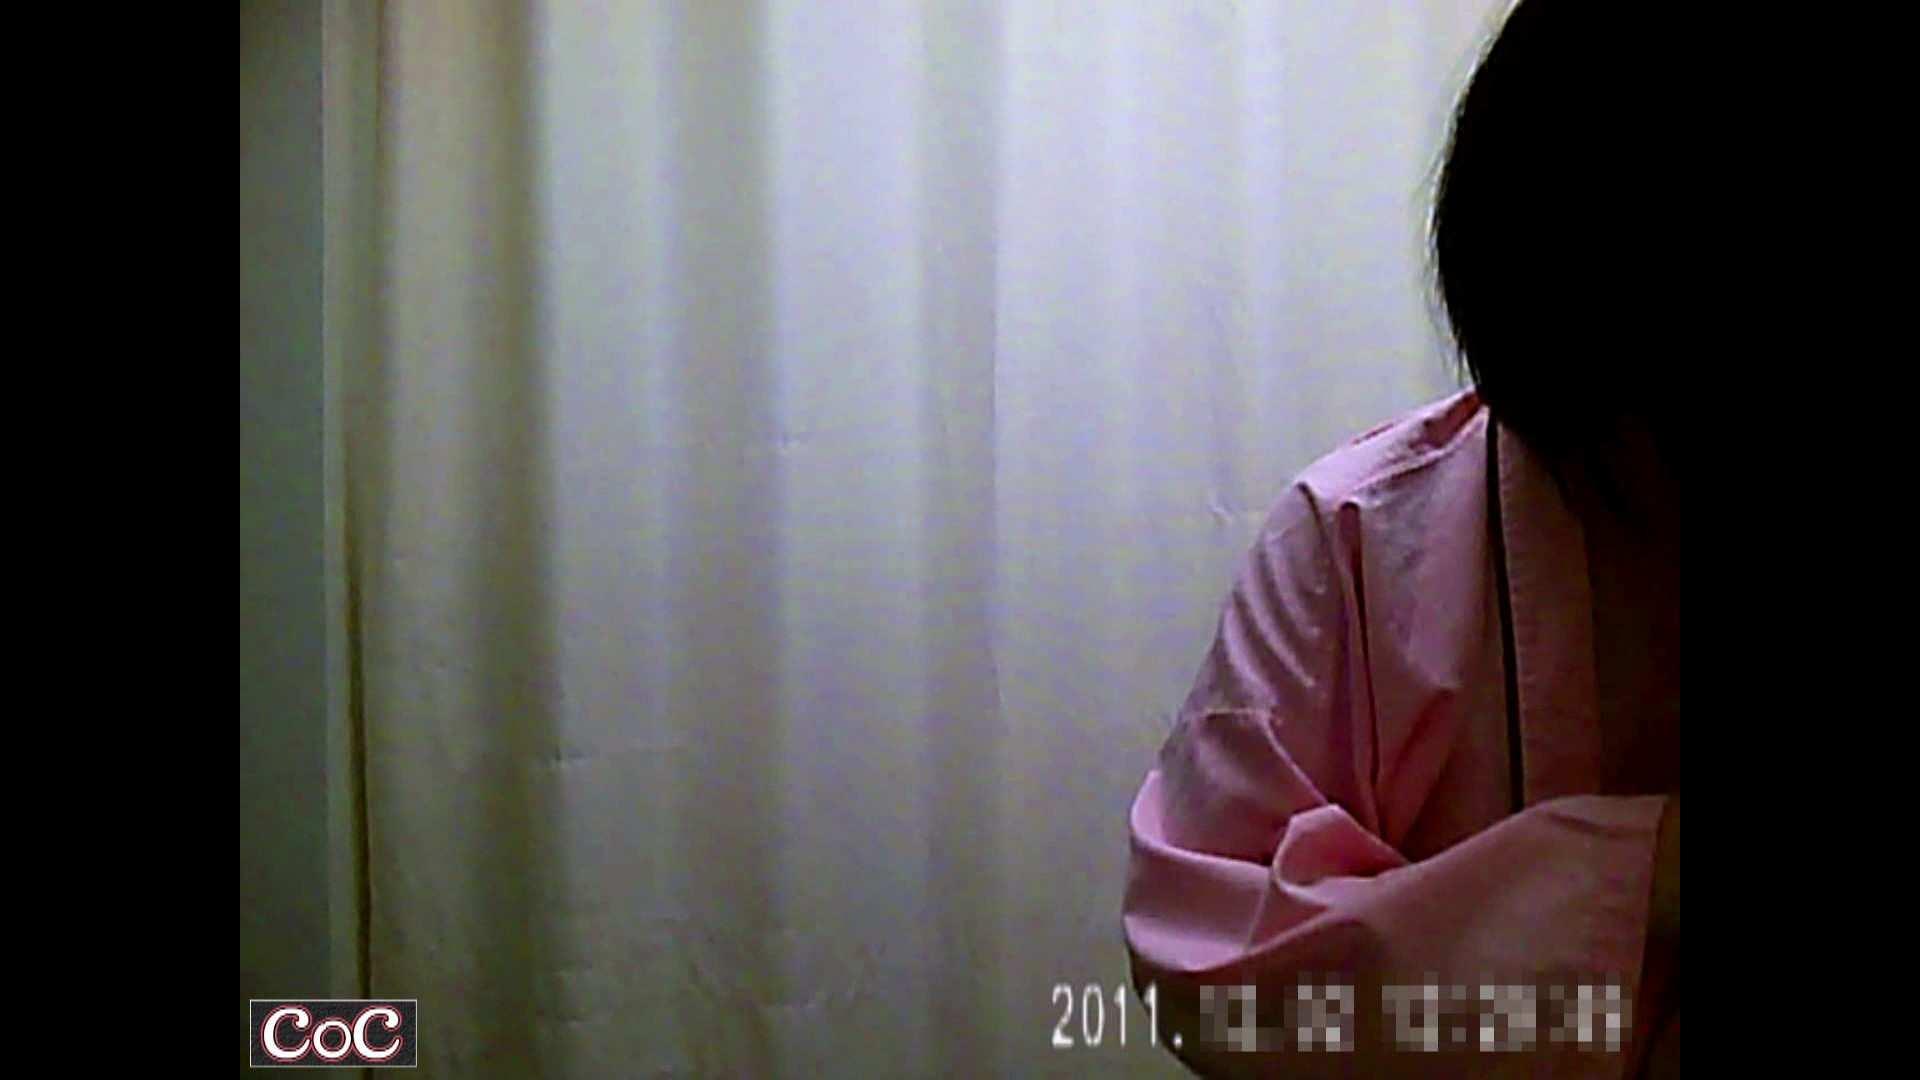 病院おもいっきり着替え! vol.109 貧乳編 オマンコ無修正動画無料 61画像 31